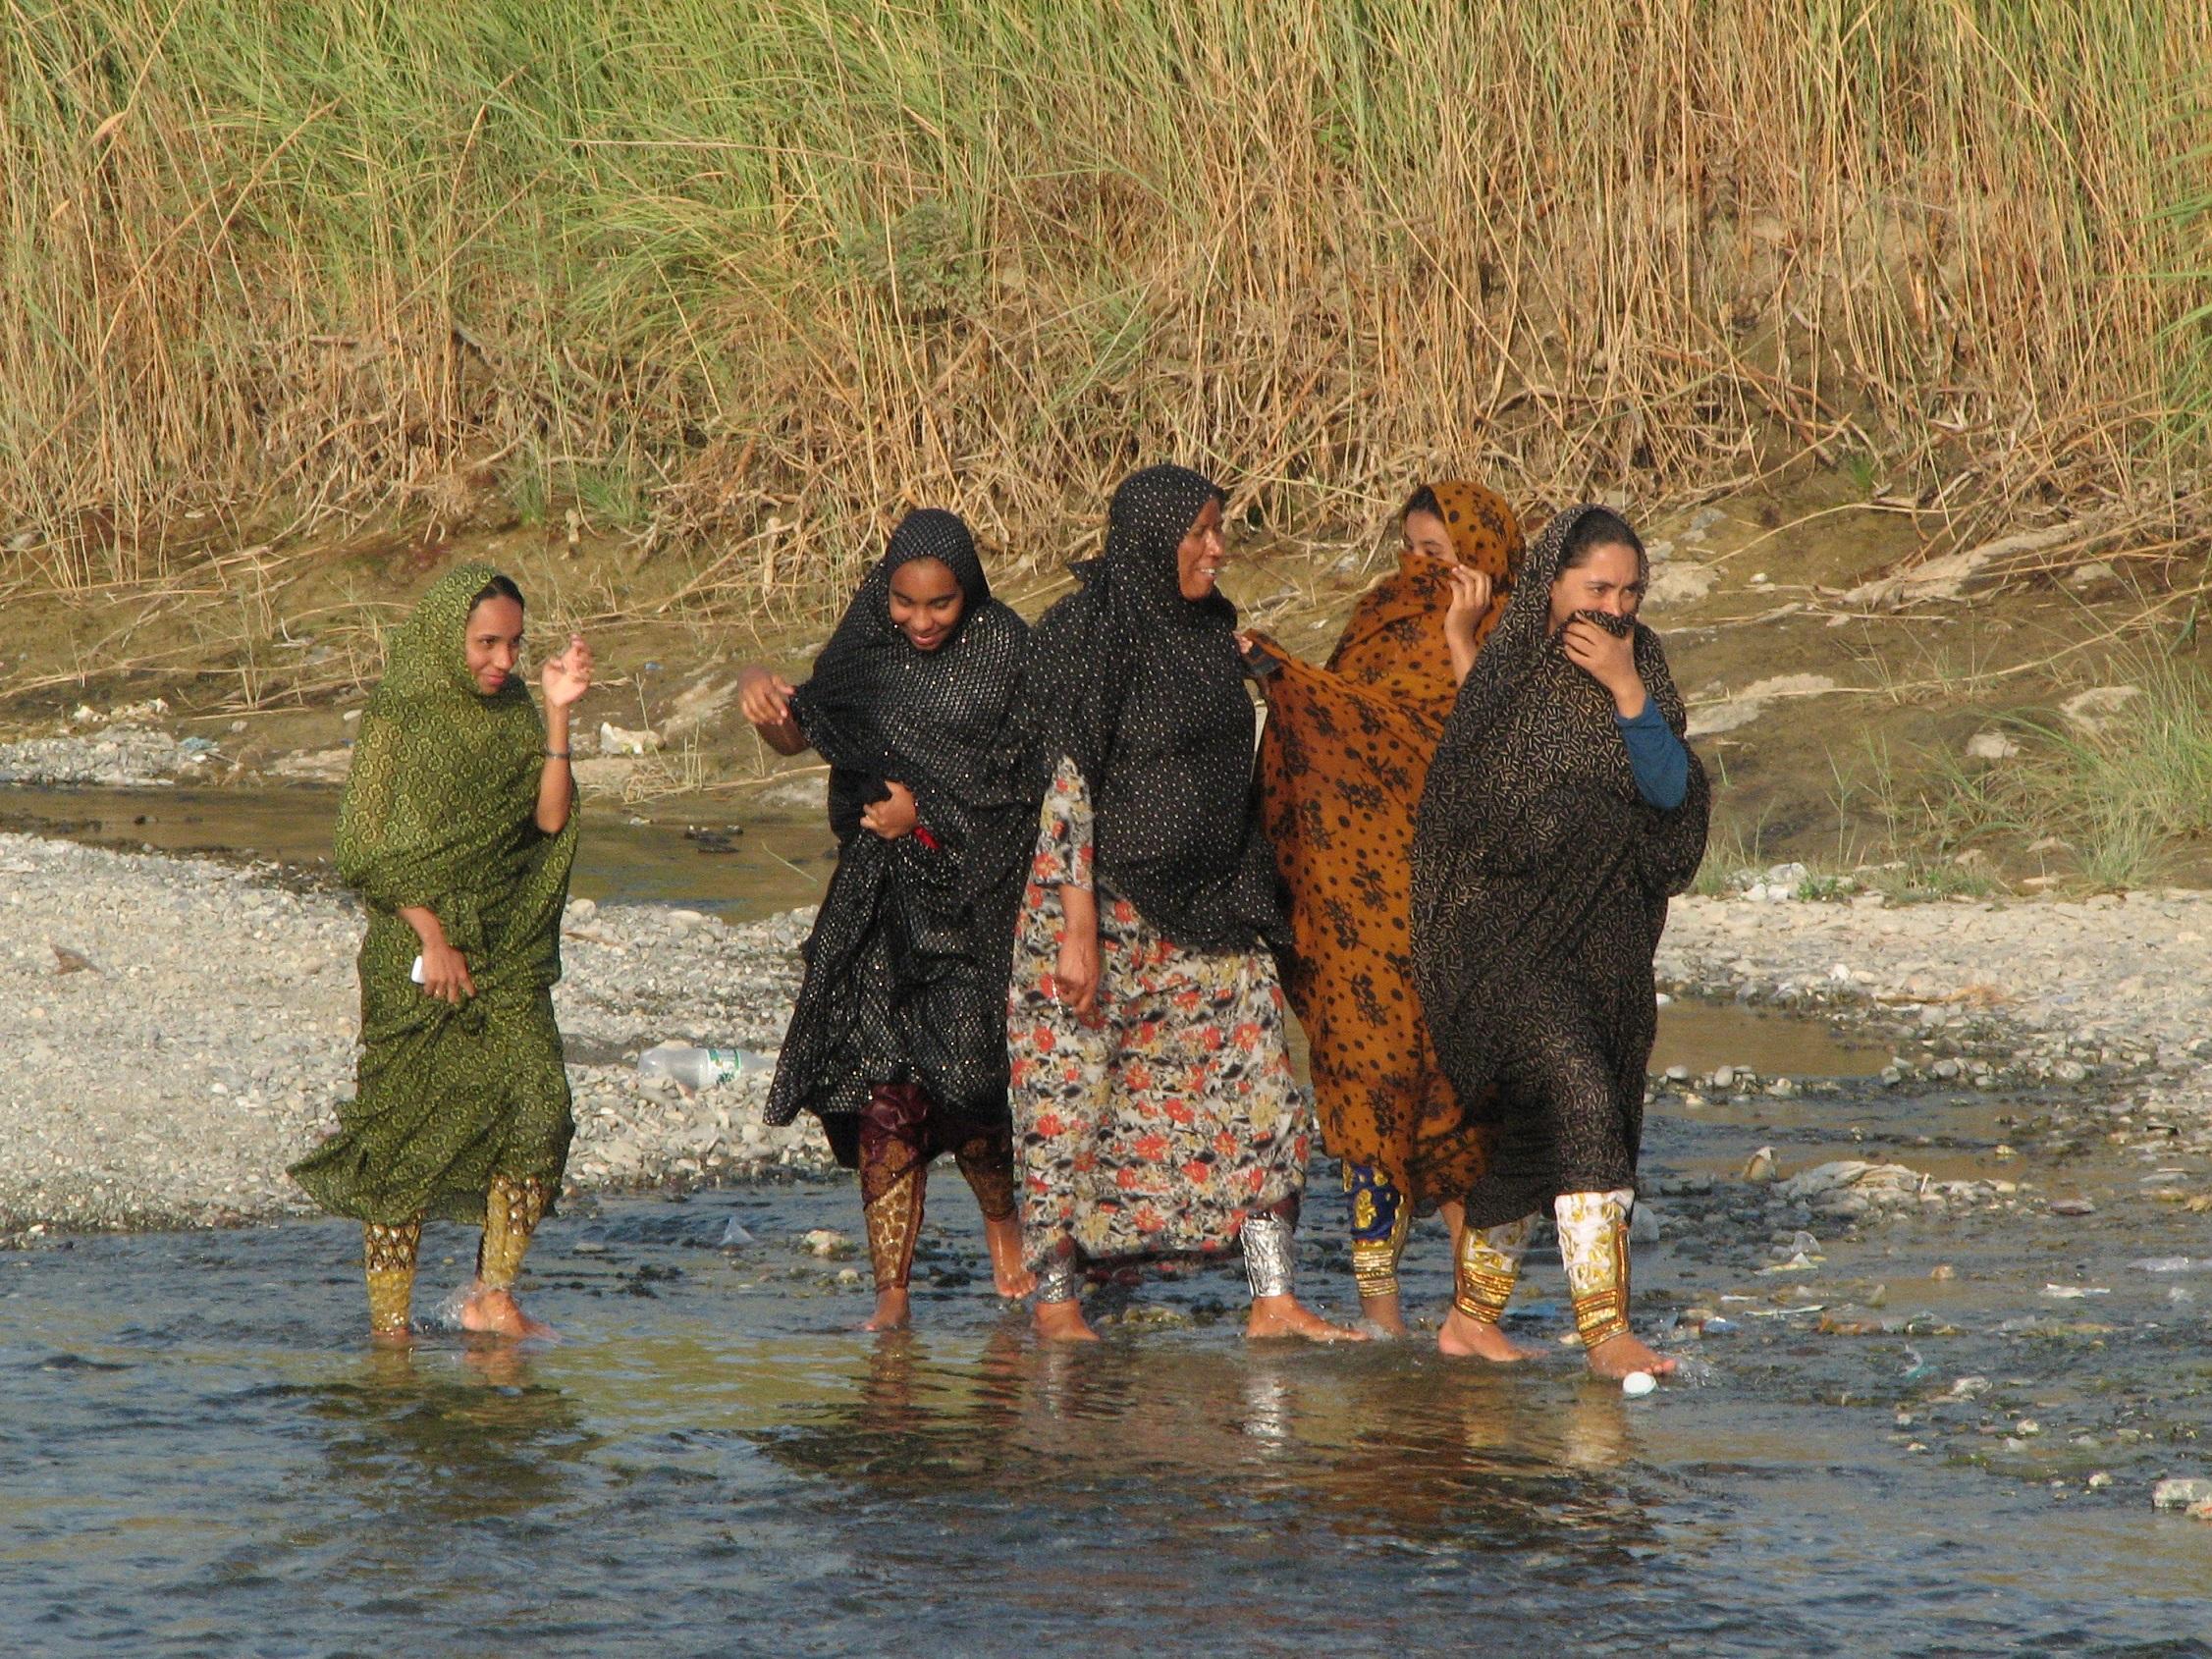 Aj pri len povrchnom pohľade je v mnohých moslimských krajinách najnápadnejšia verejná segregácia mužov a žien. Aj na piknik idú len dievčatá bez chlapcov. Irán, fotografia Marcel Uhrin.